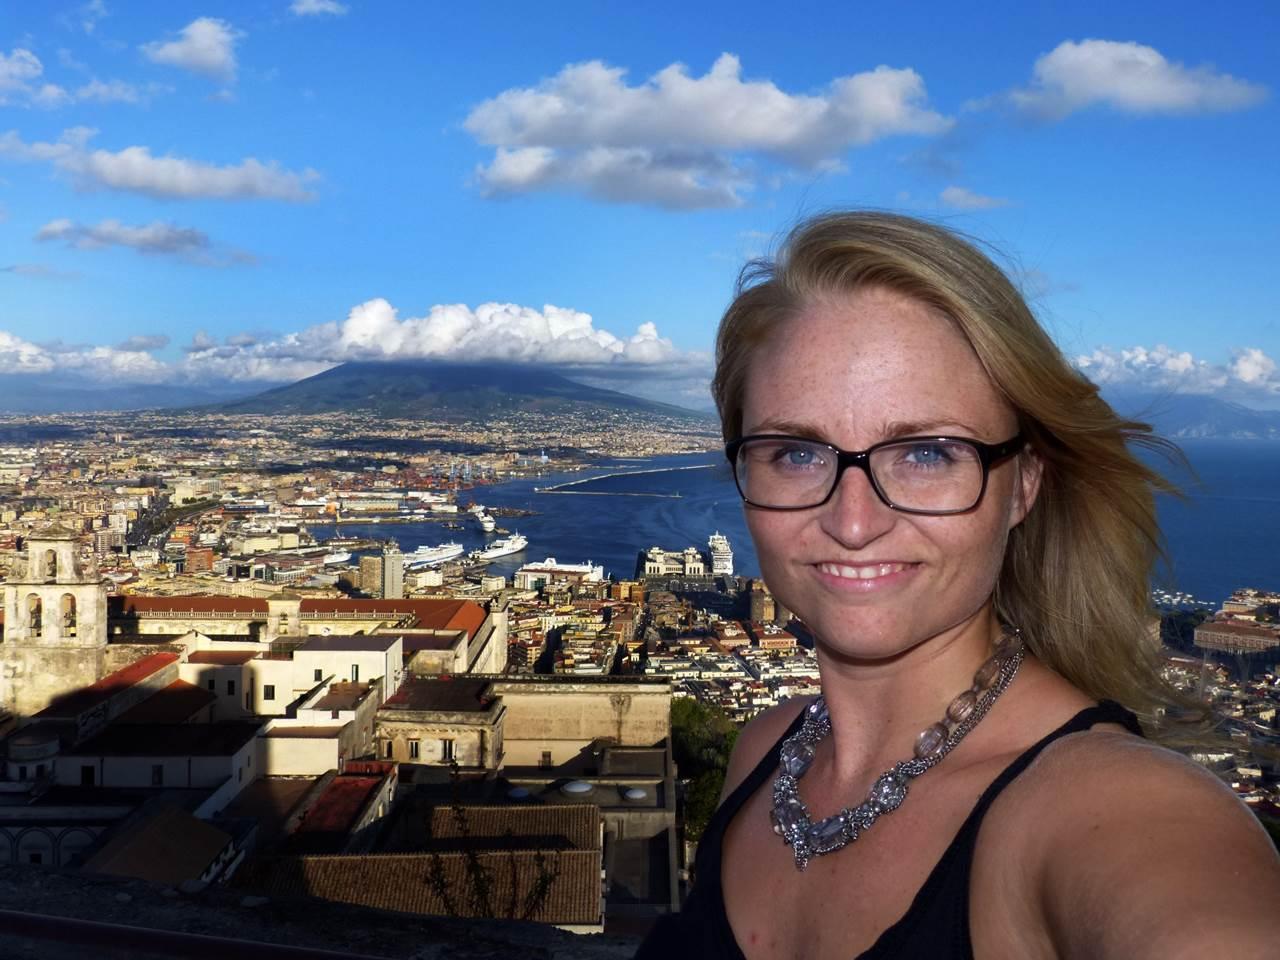 View on the volcano Vesuvius in Naples